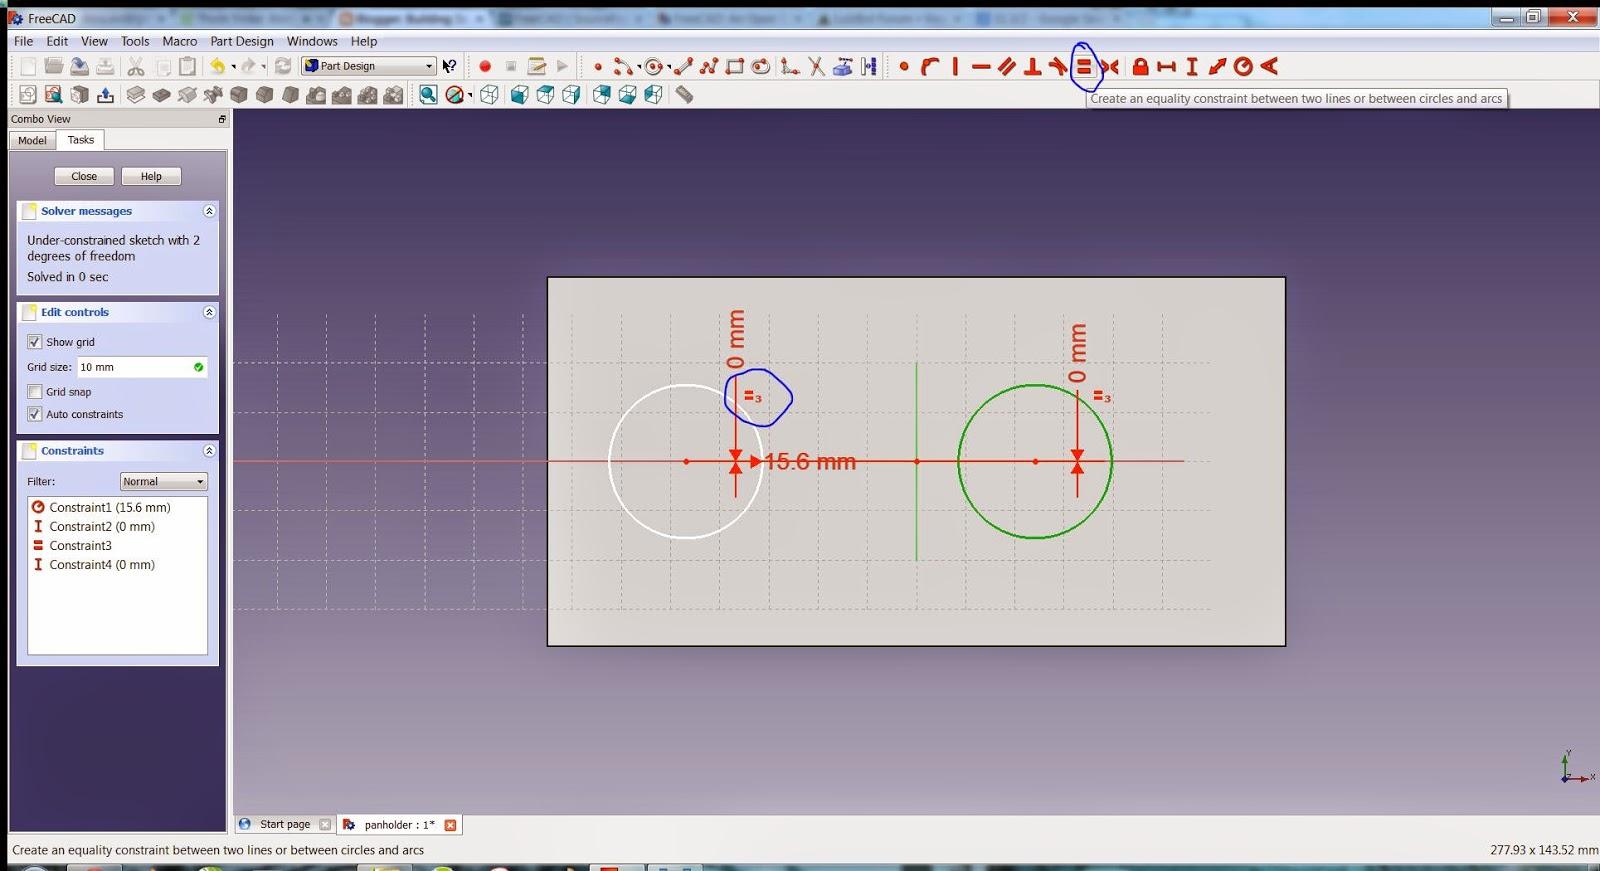 Building Stuff, Makin' Friends: FreeCAD tutorial